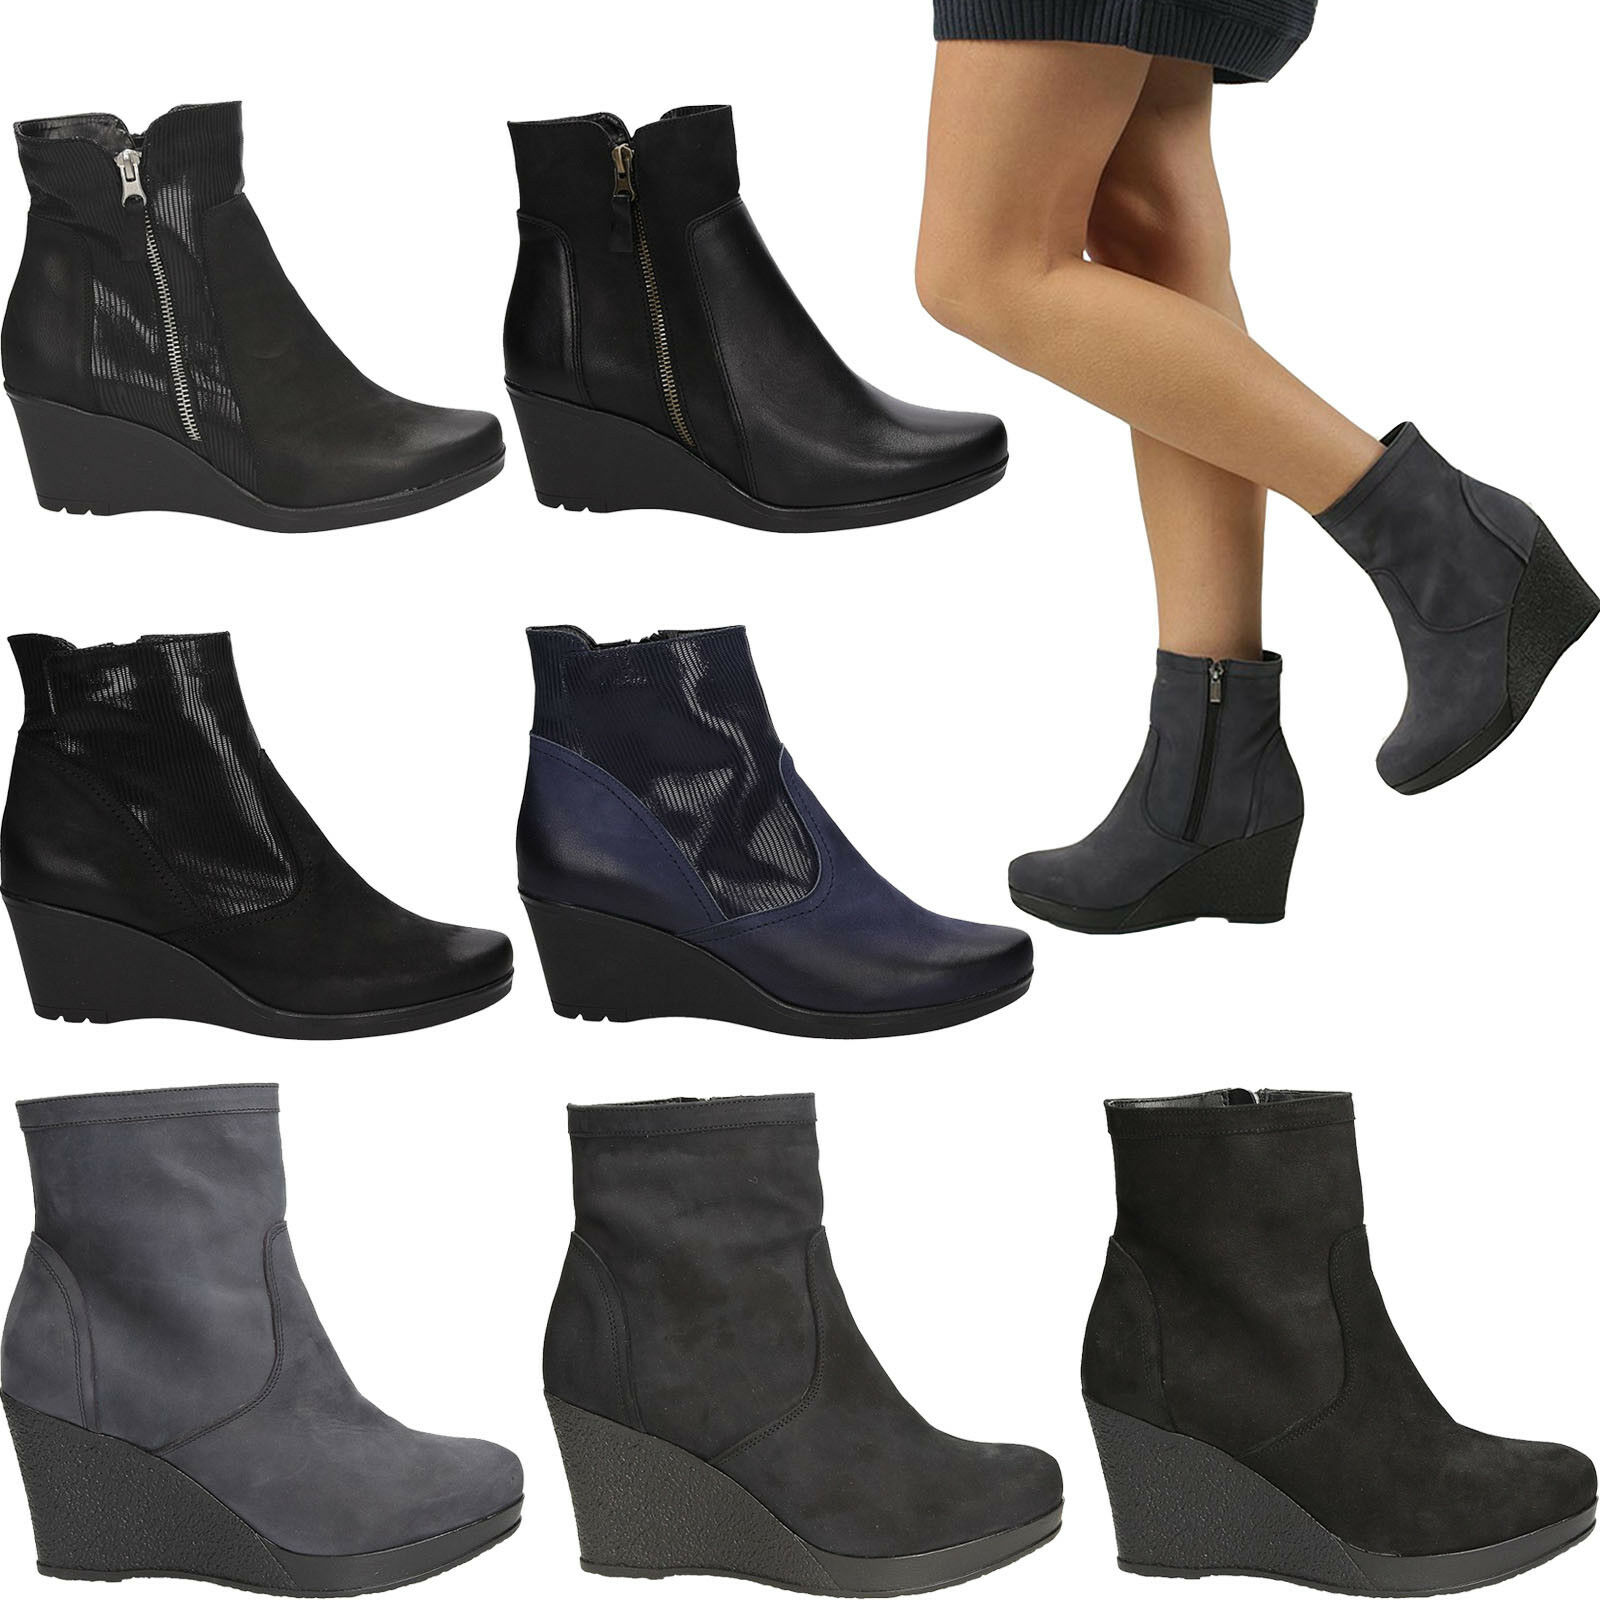 Damen Boots Stiefel Keilabsatz Echtleder Warm Winterschuhe Gr. 36-41 NEU